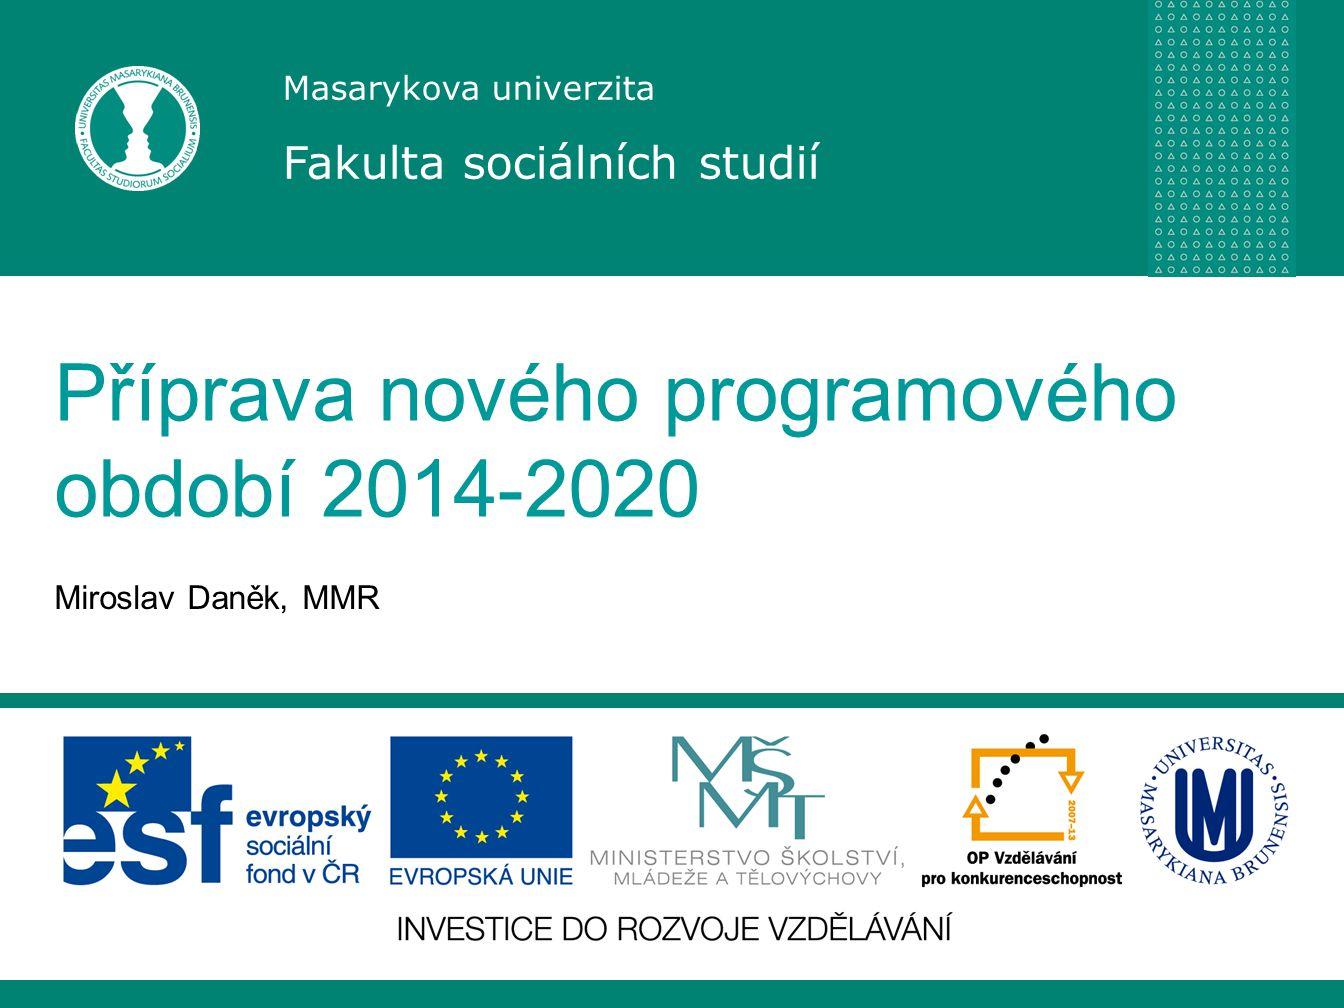 Masarykova univerzita Fakulta sociálních studií Příprava nového programového období 2014-2020 Miroslav Daněk, MMR